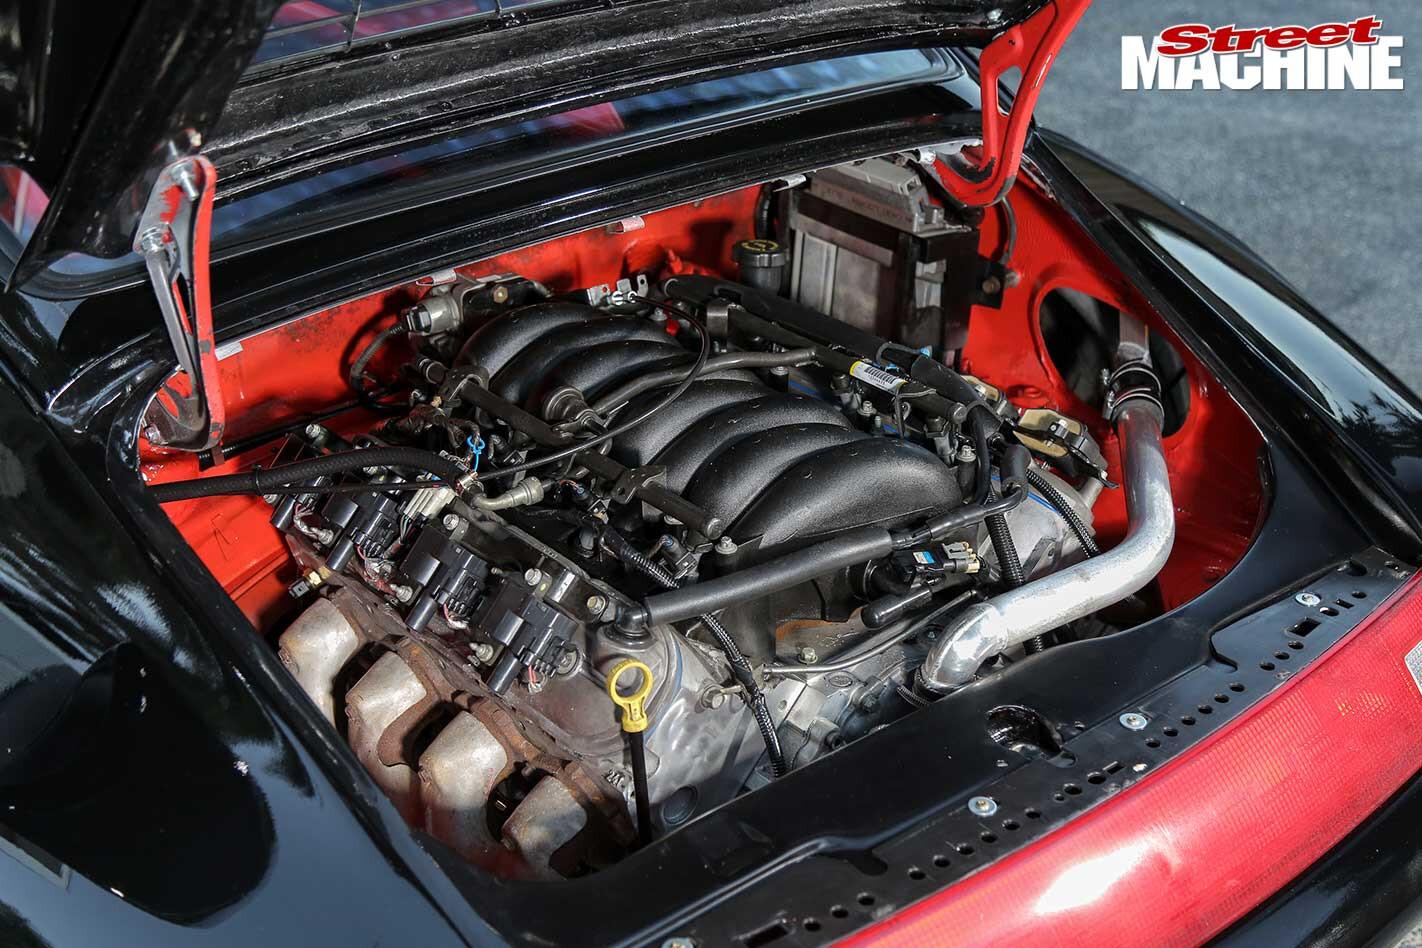 Porsche 911 engine bay